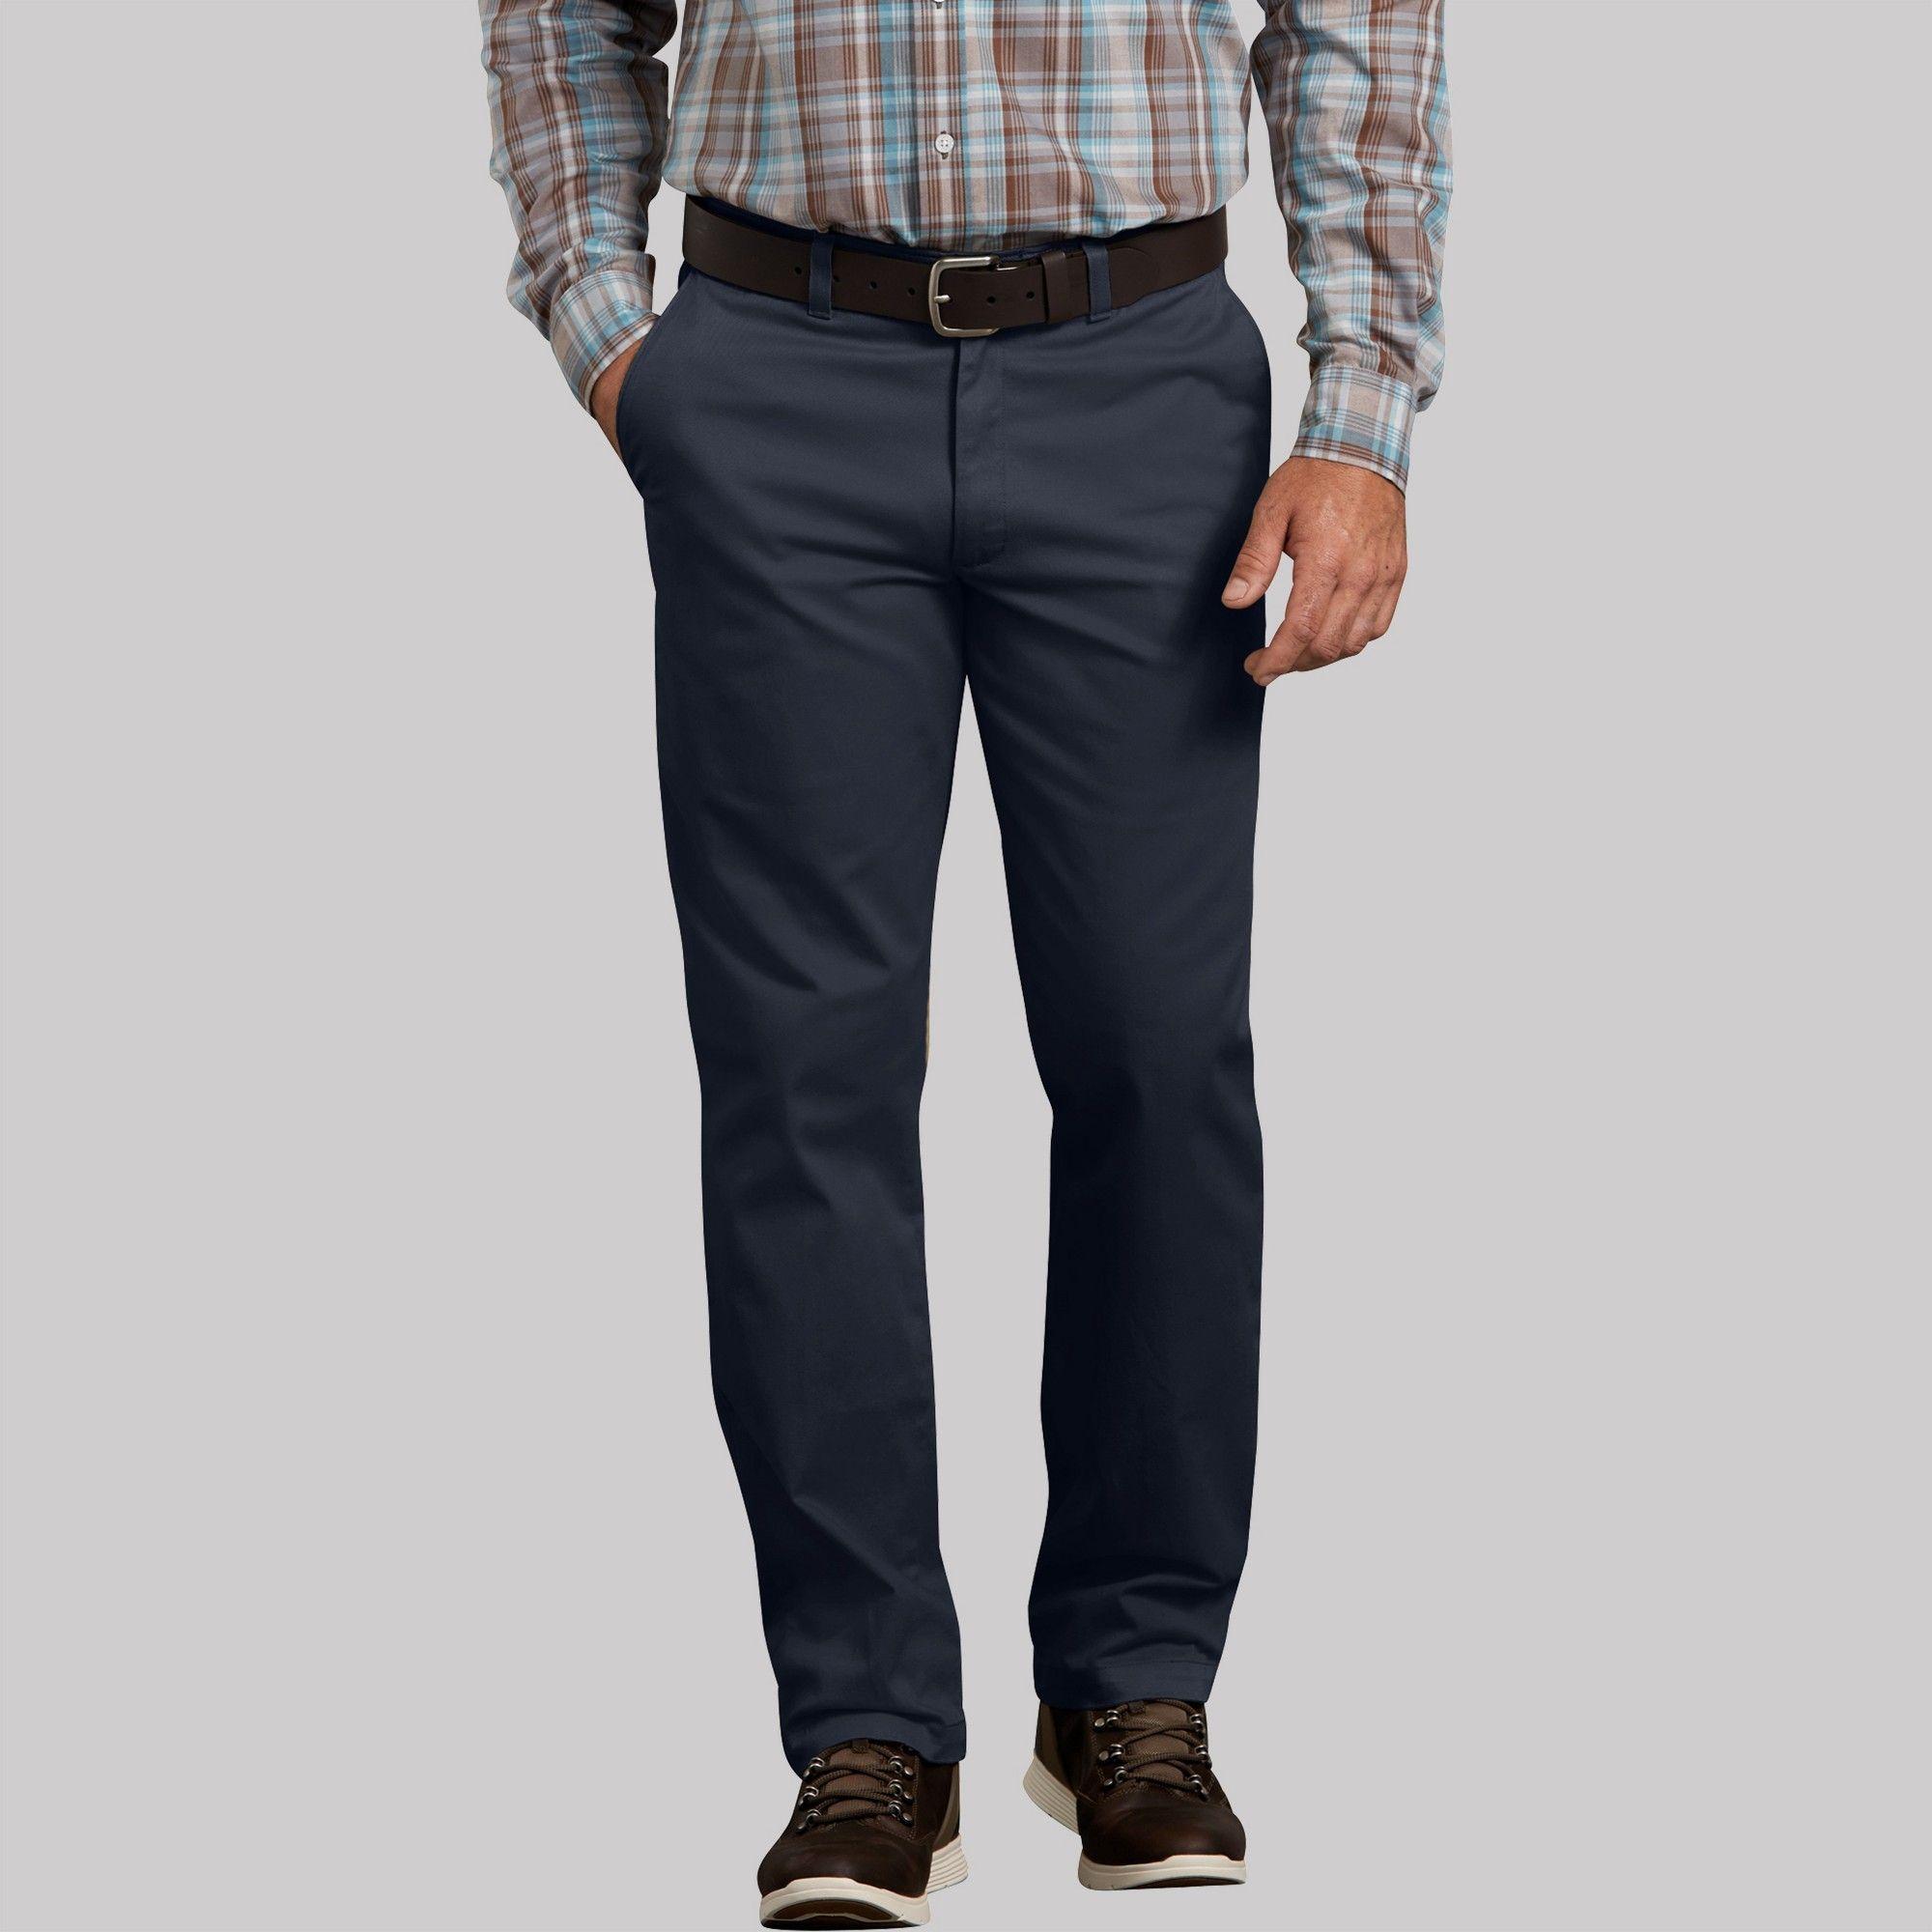 NAVY 30 33 Ed Garments Mens Big And Tall Button Closure Chino Pant